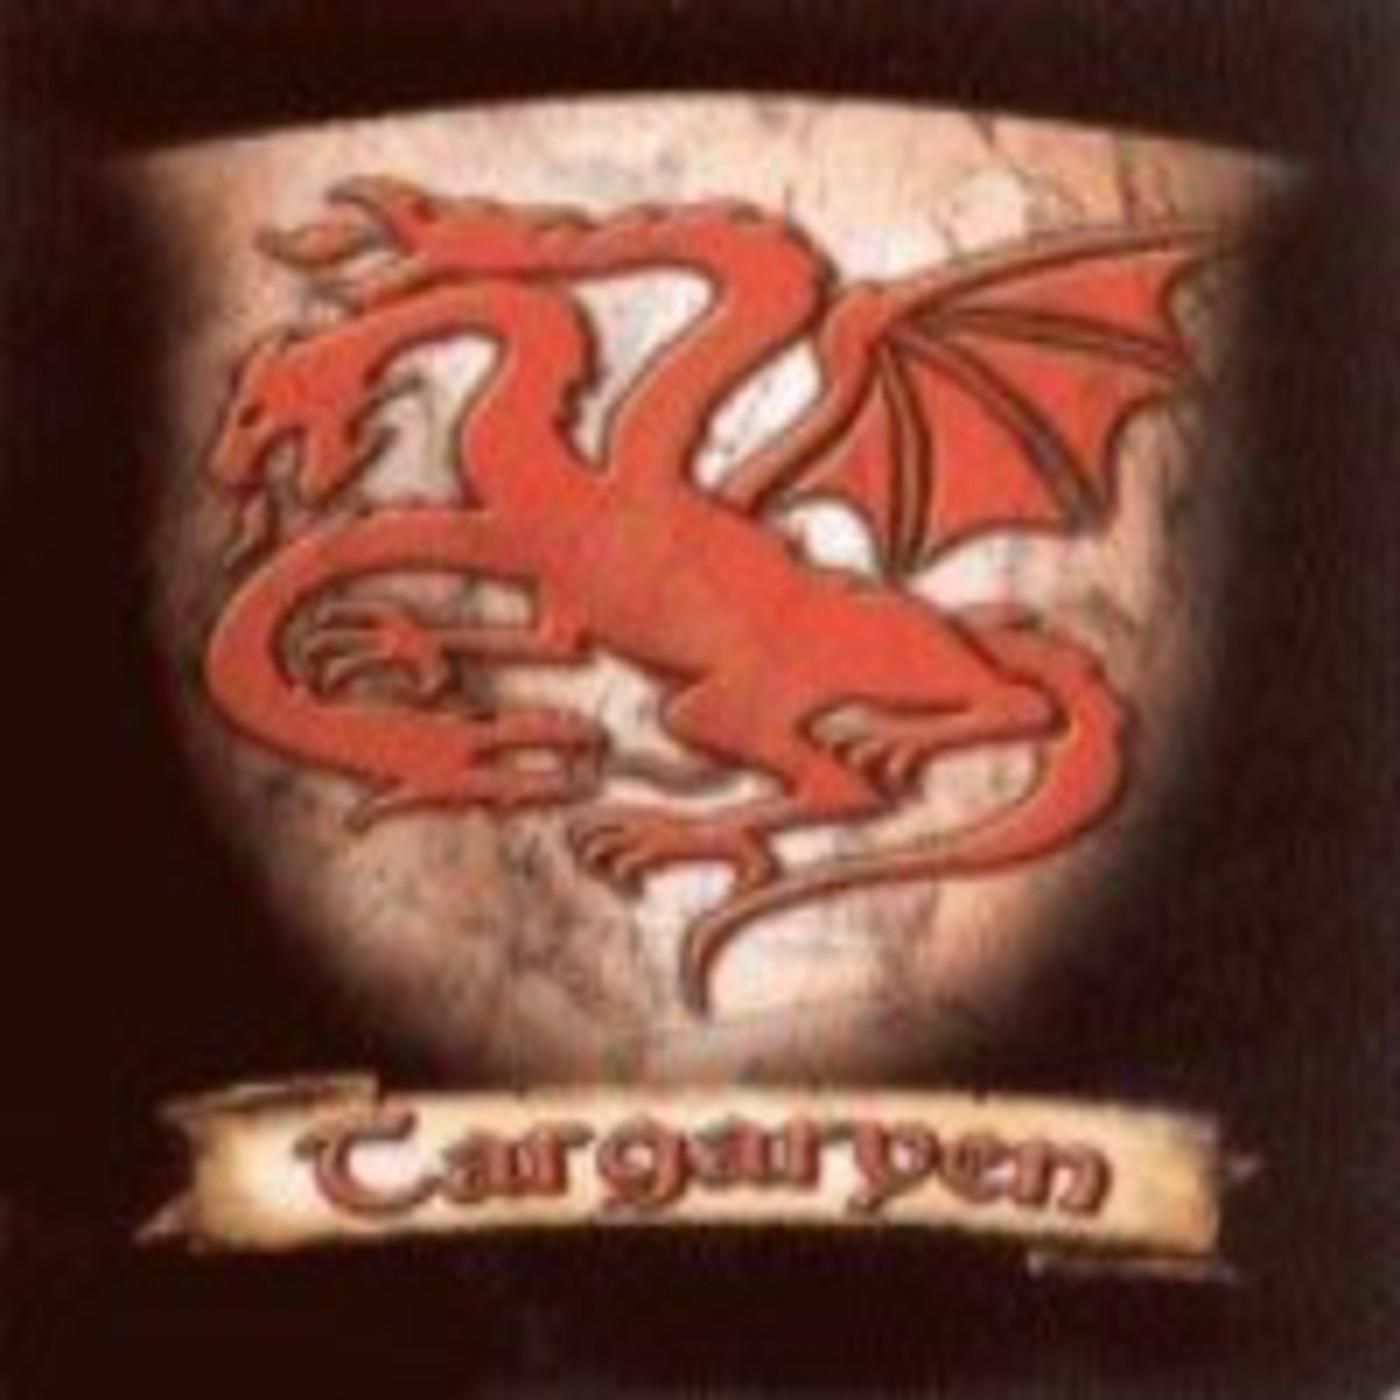 Juego de tronos.Capítulo 13: Tyrion y los dragones de targaryen